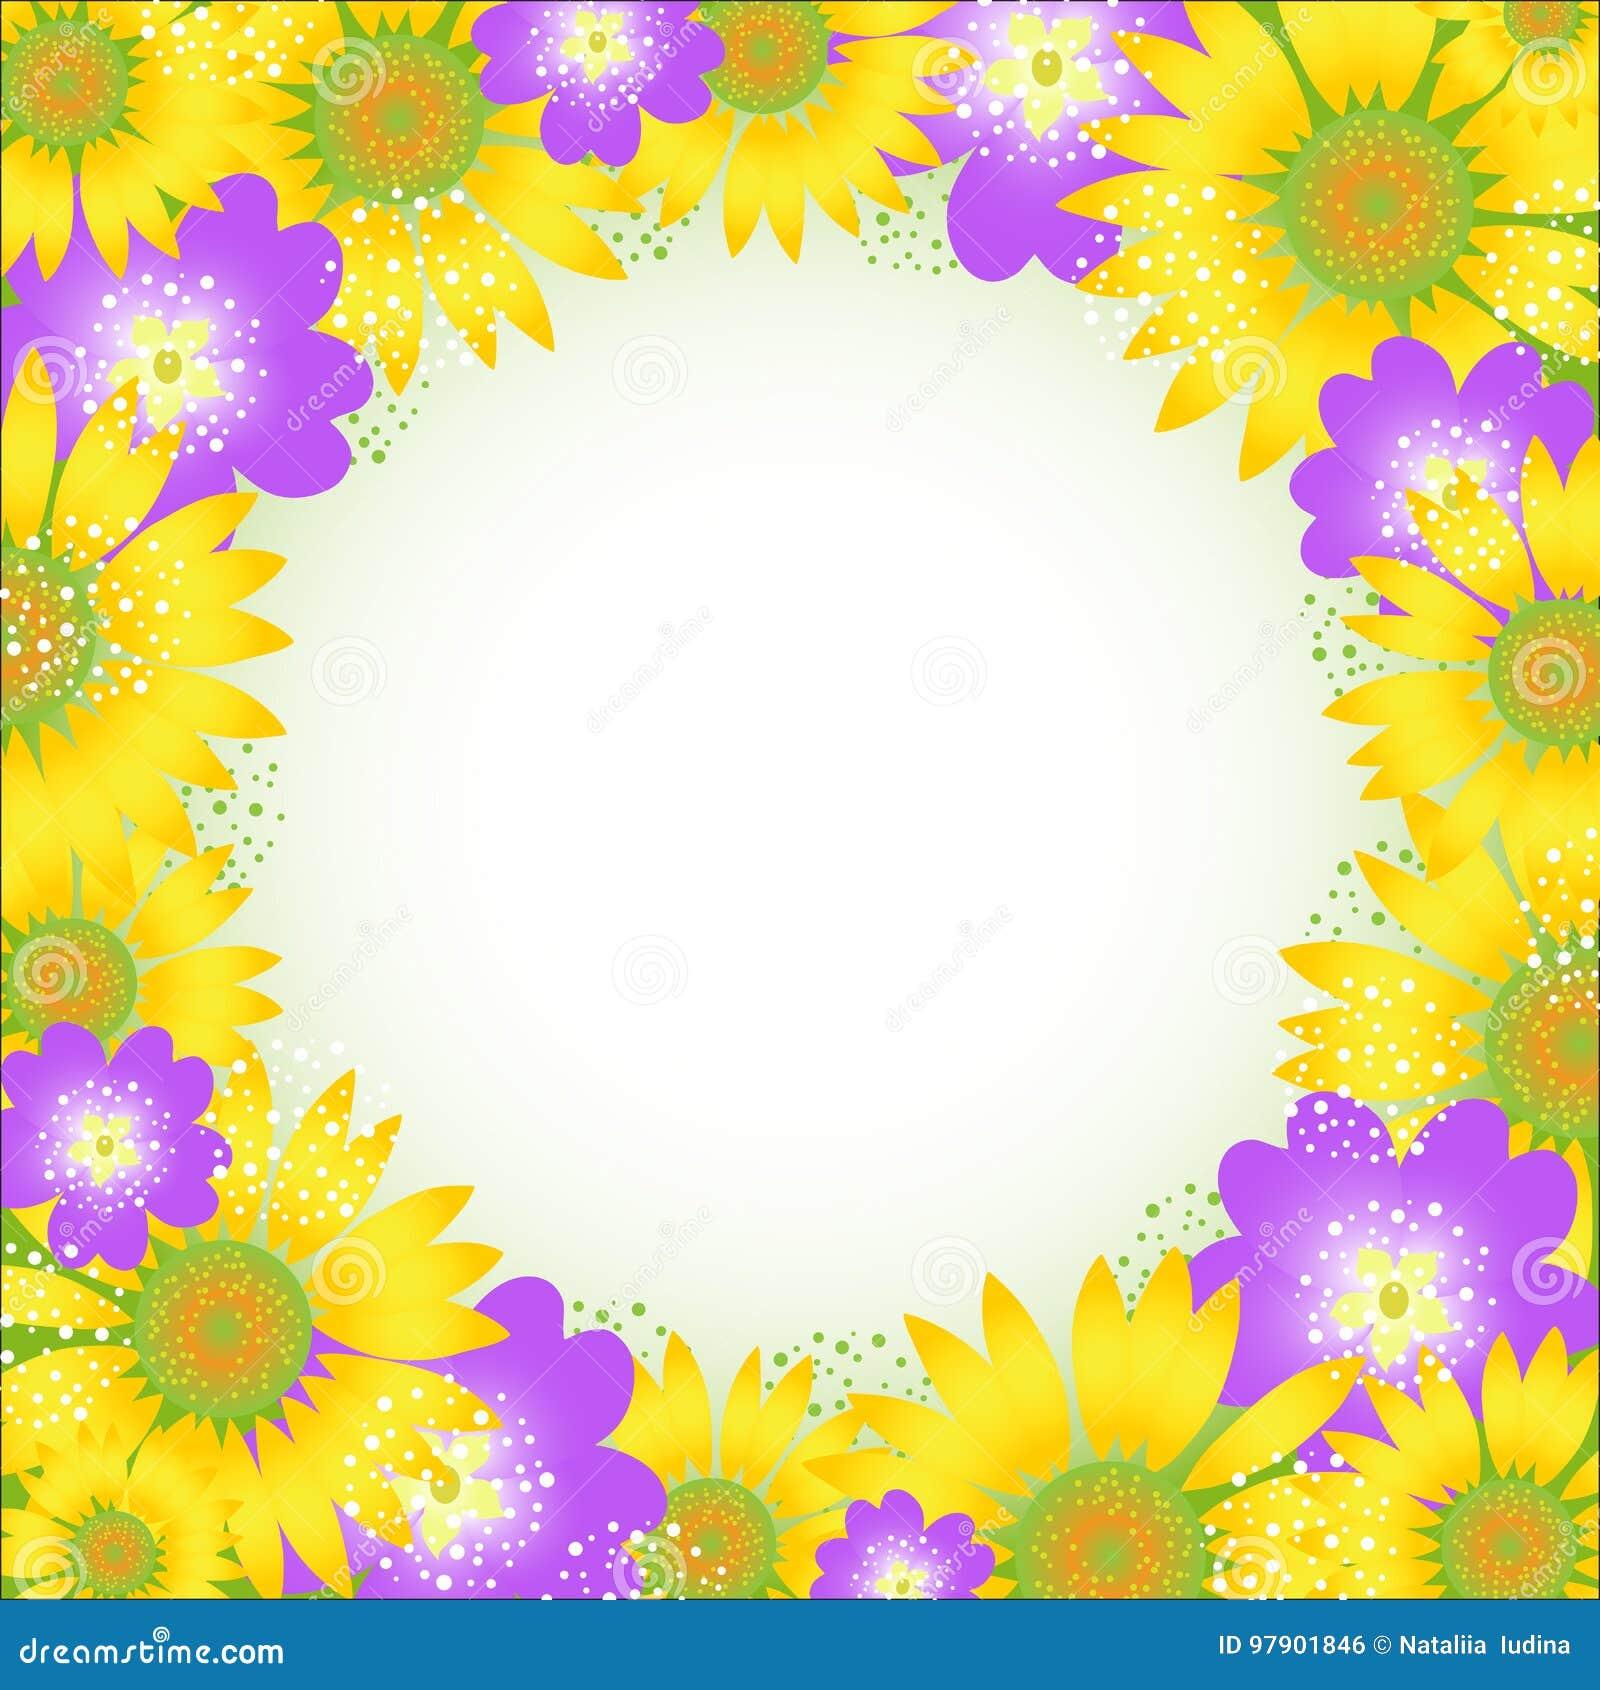 Summer flower frame. Vector illustration.